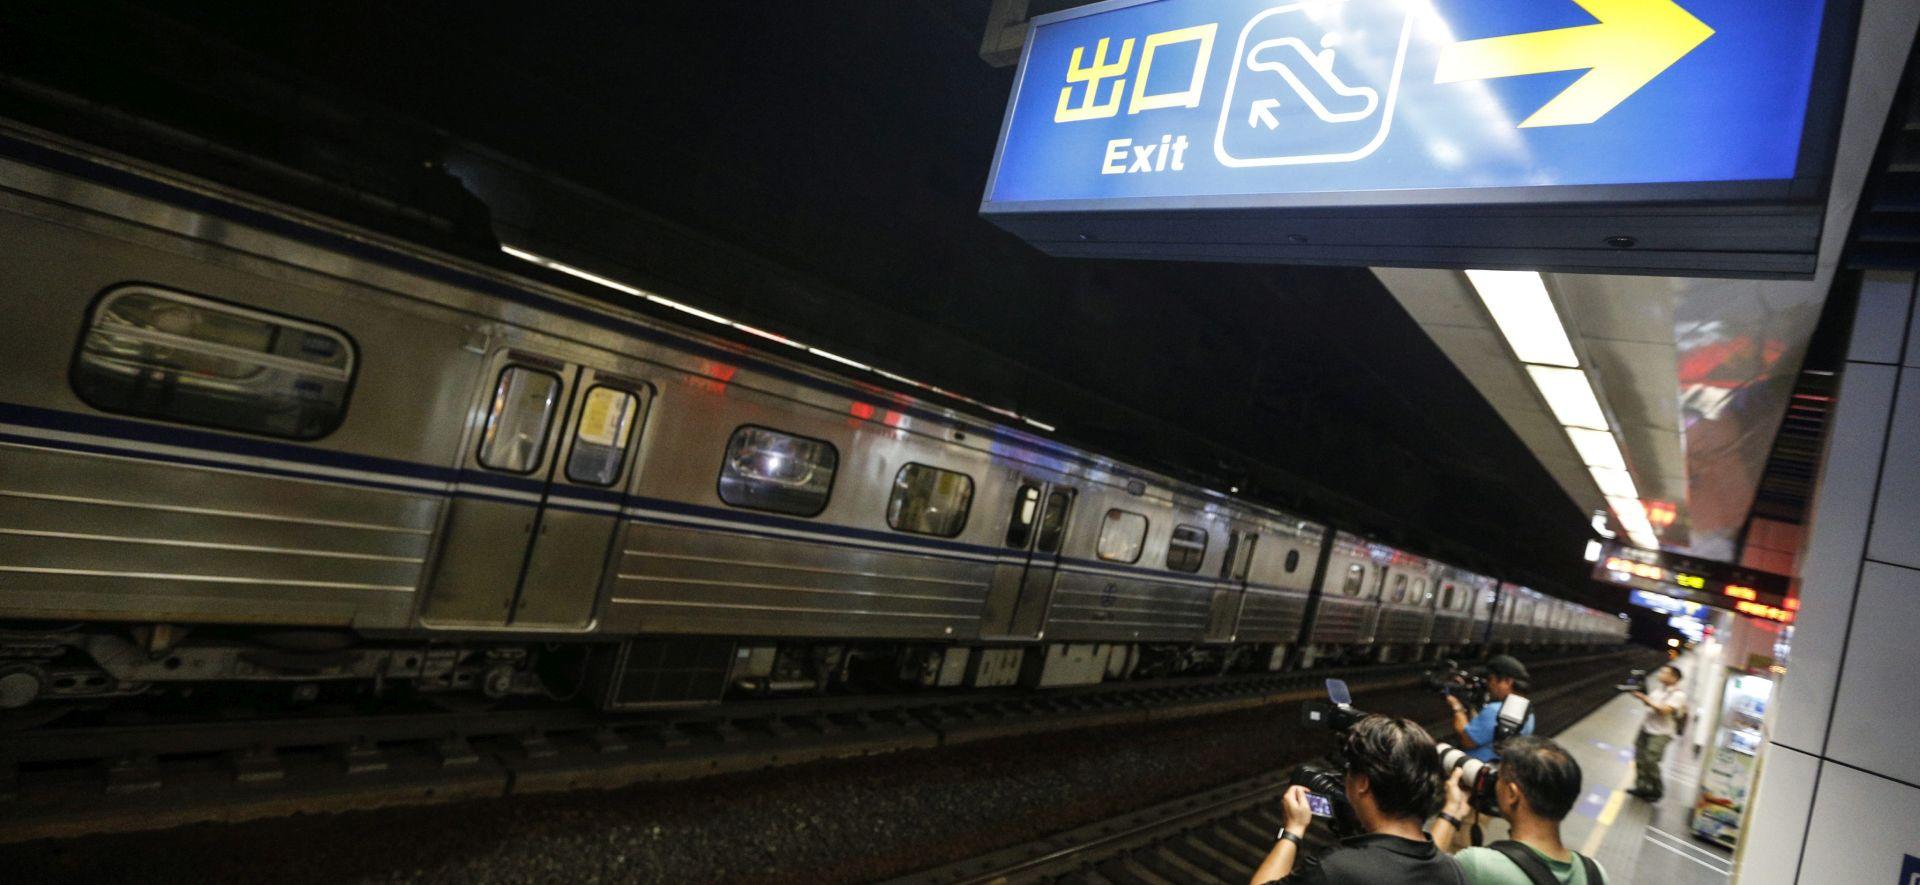 TAJVAN U eksploziji u vlaku 25 ozlijeđenih, bomba kućne izrade